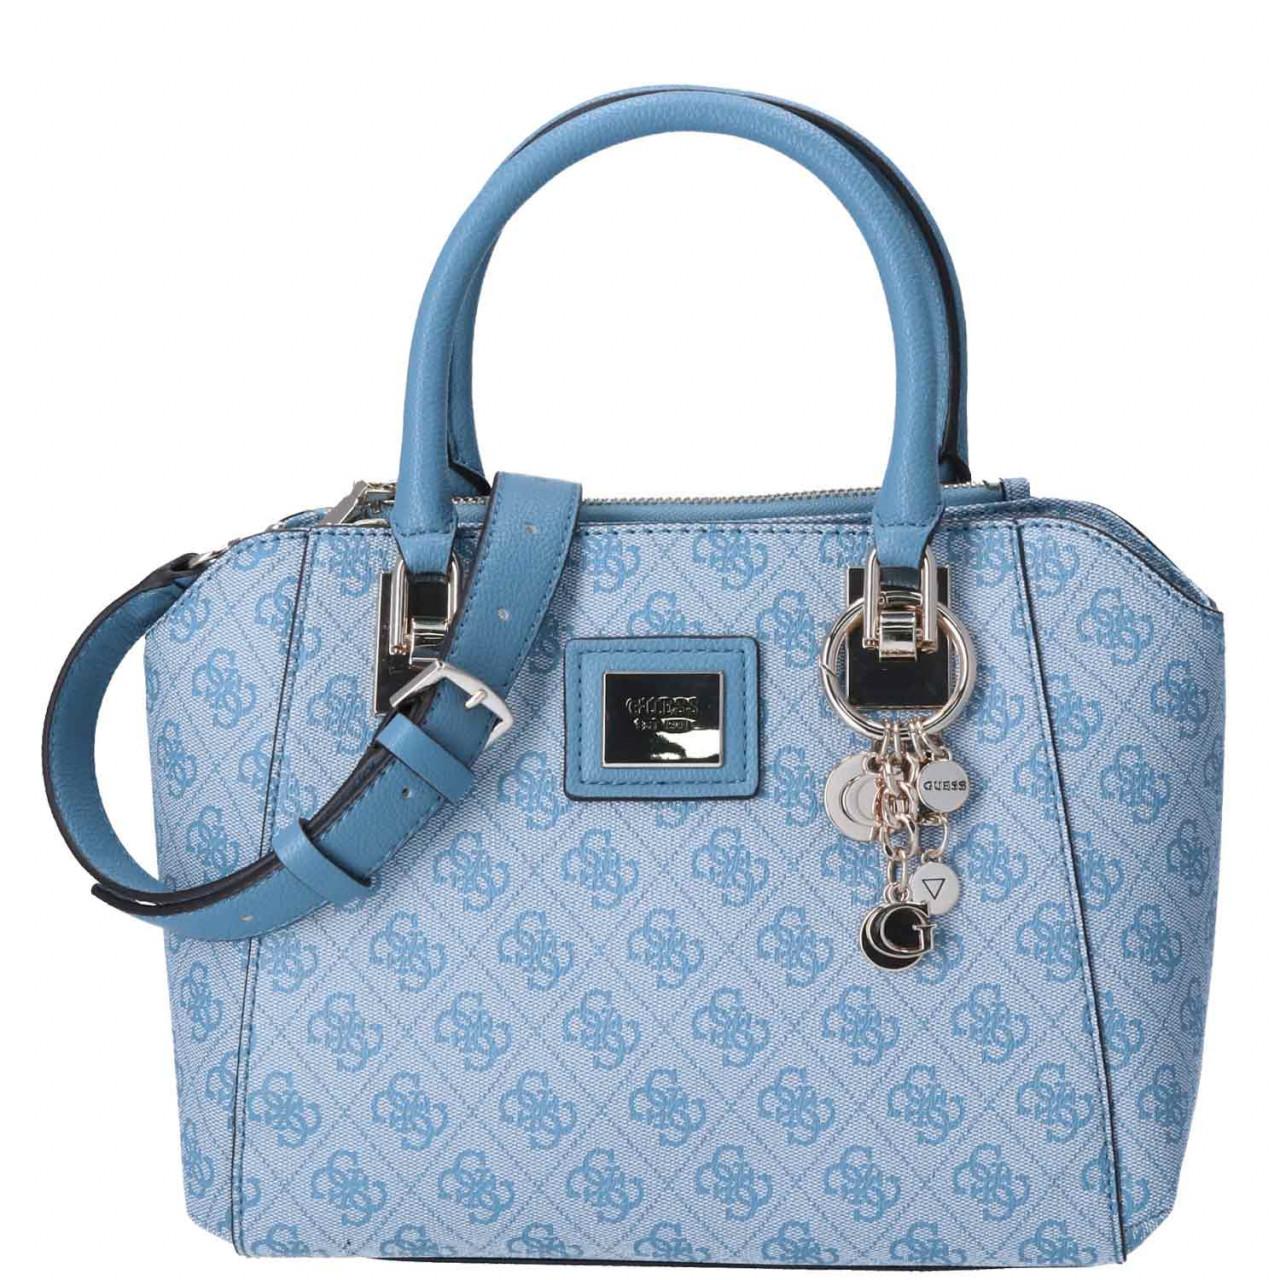 GUESS Damen Handtasche Candace sky